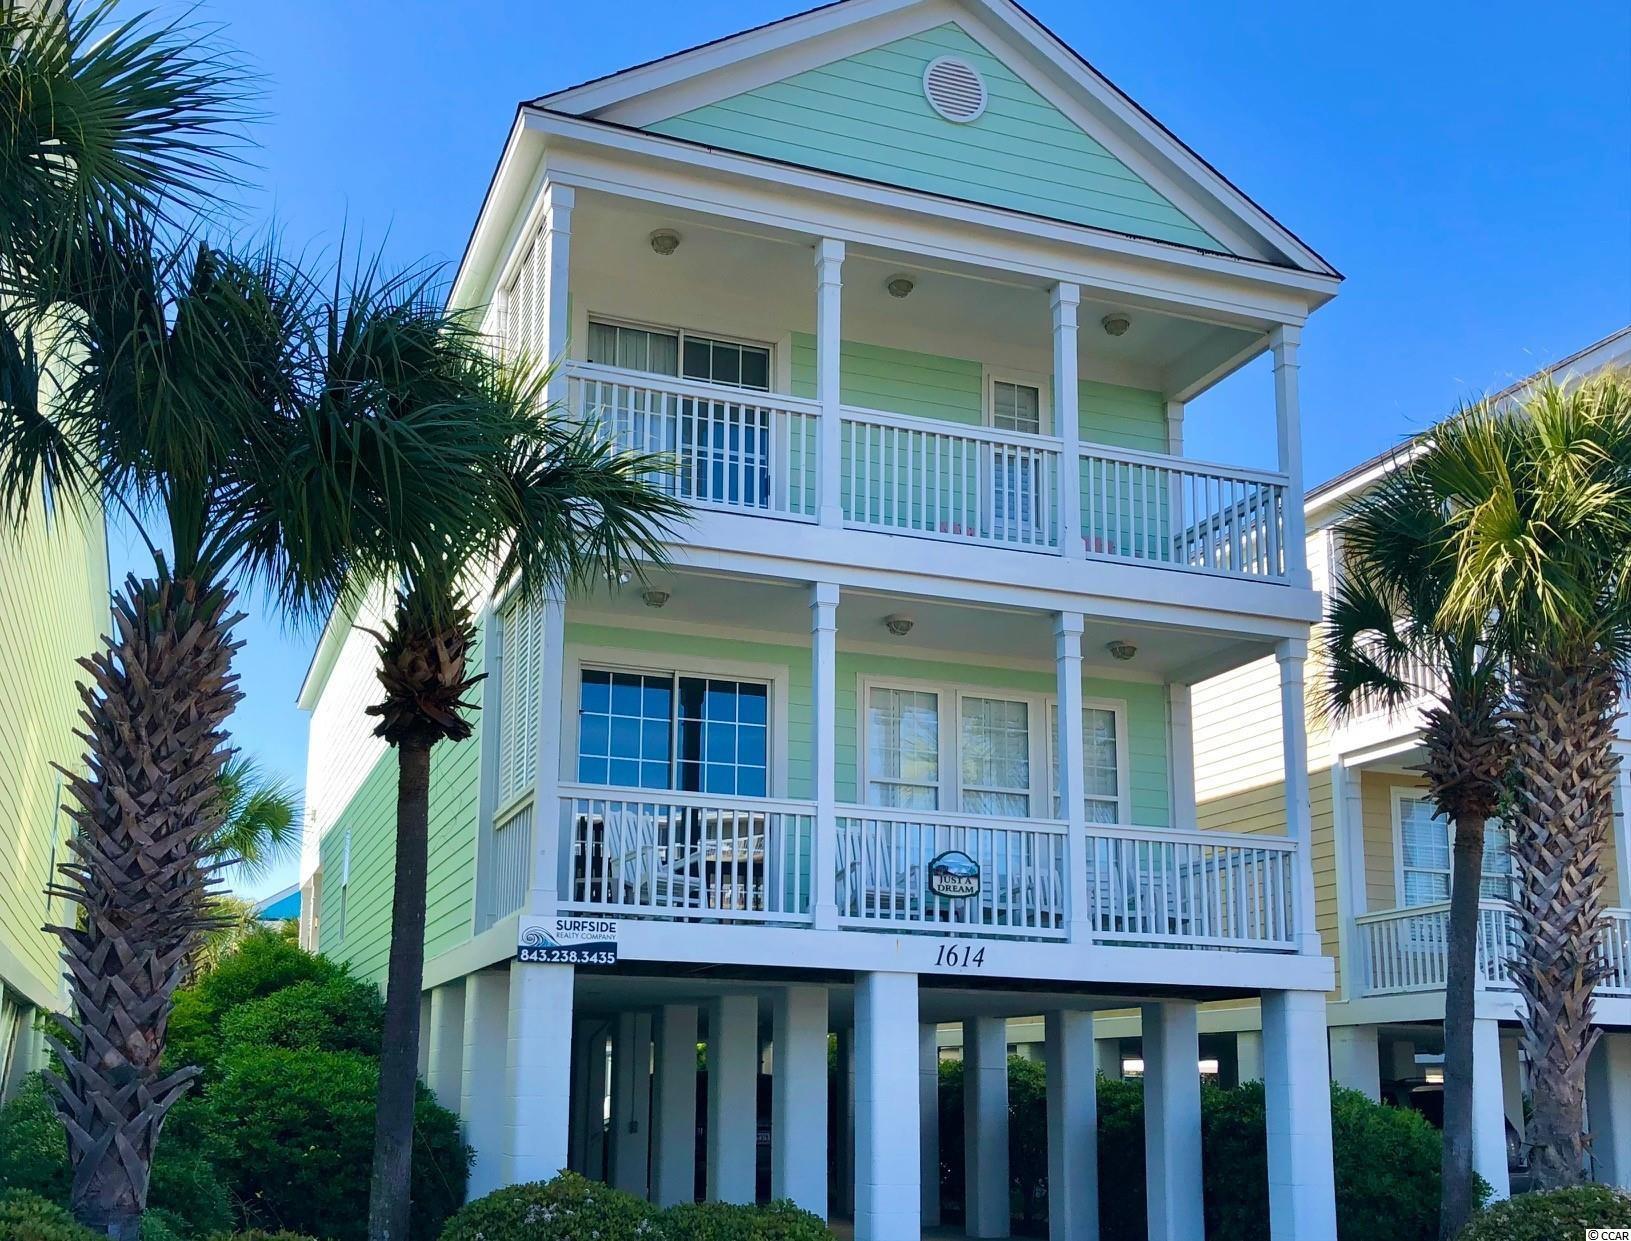 Bella Vista Ii Real Estate Listings Main Image